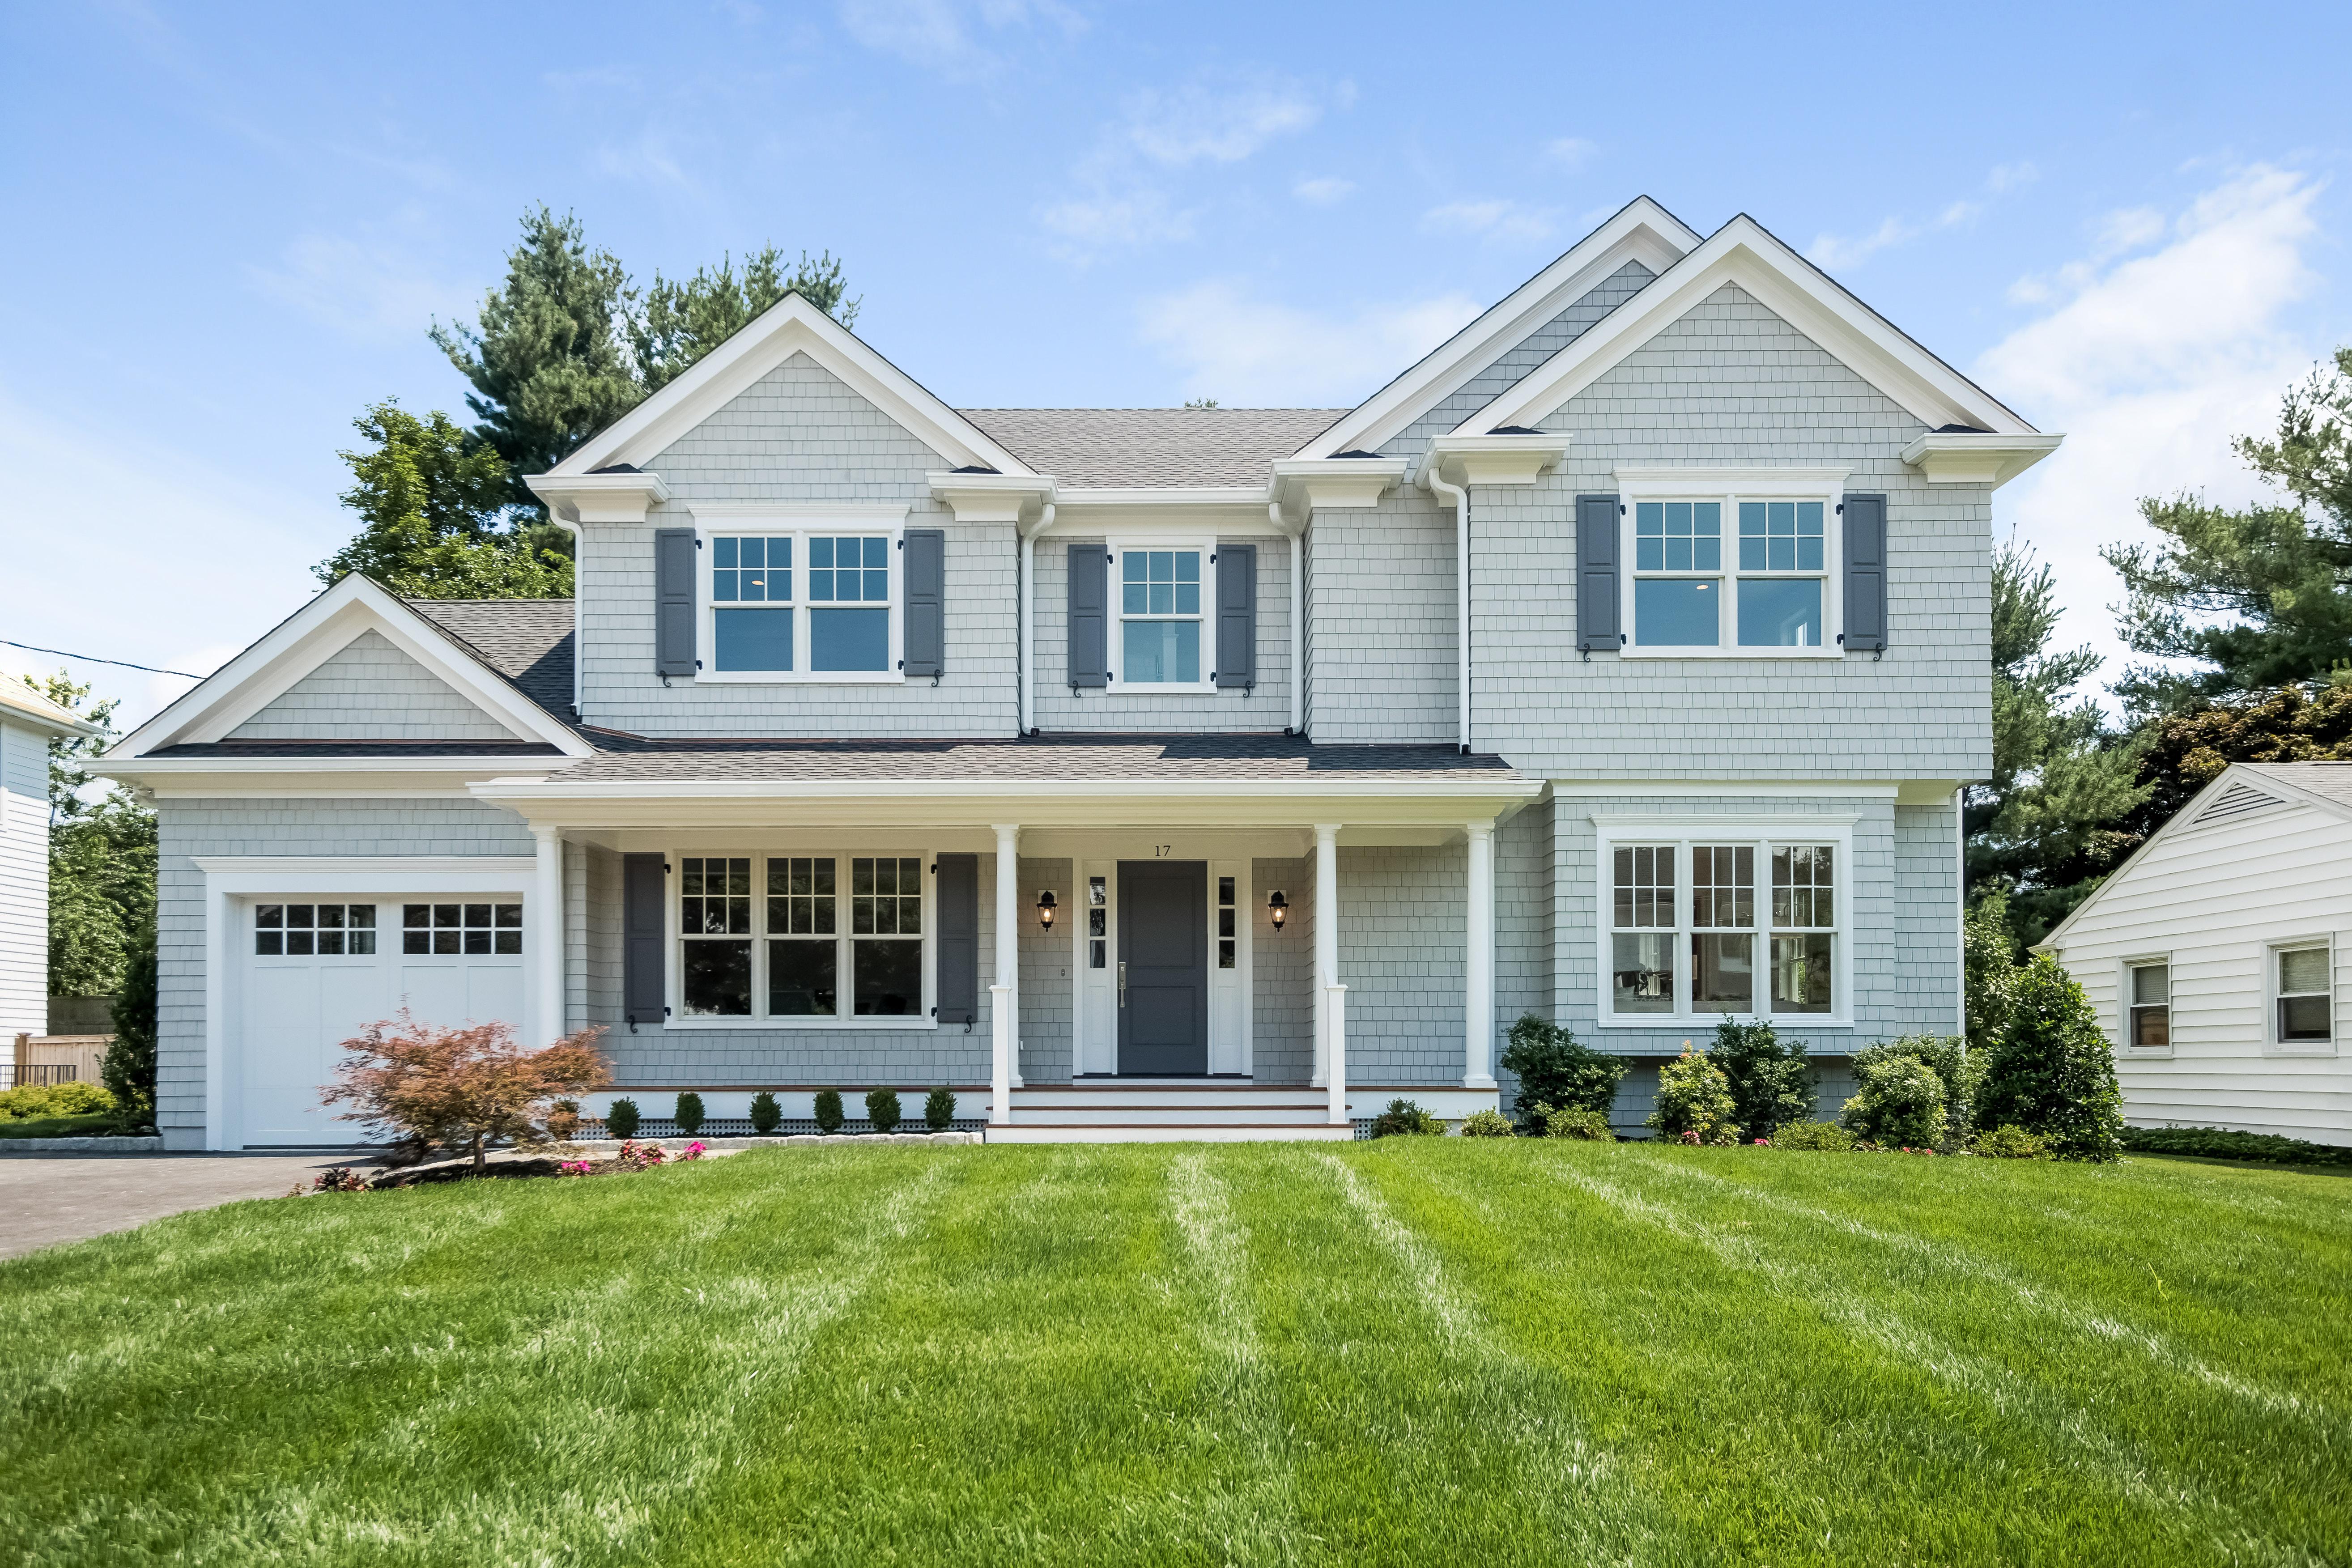 Maison unifamiliale pour l Vente à 17 Henry Street Rye, New York, 10580 États-Unis